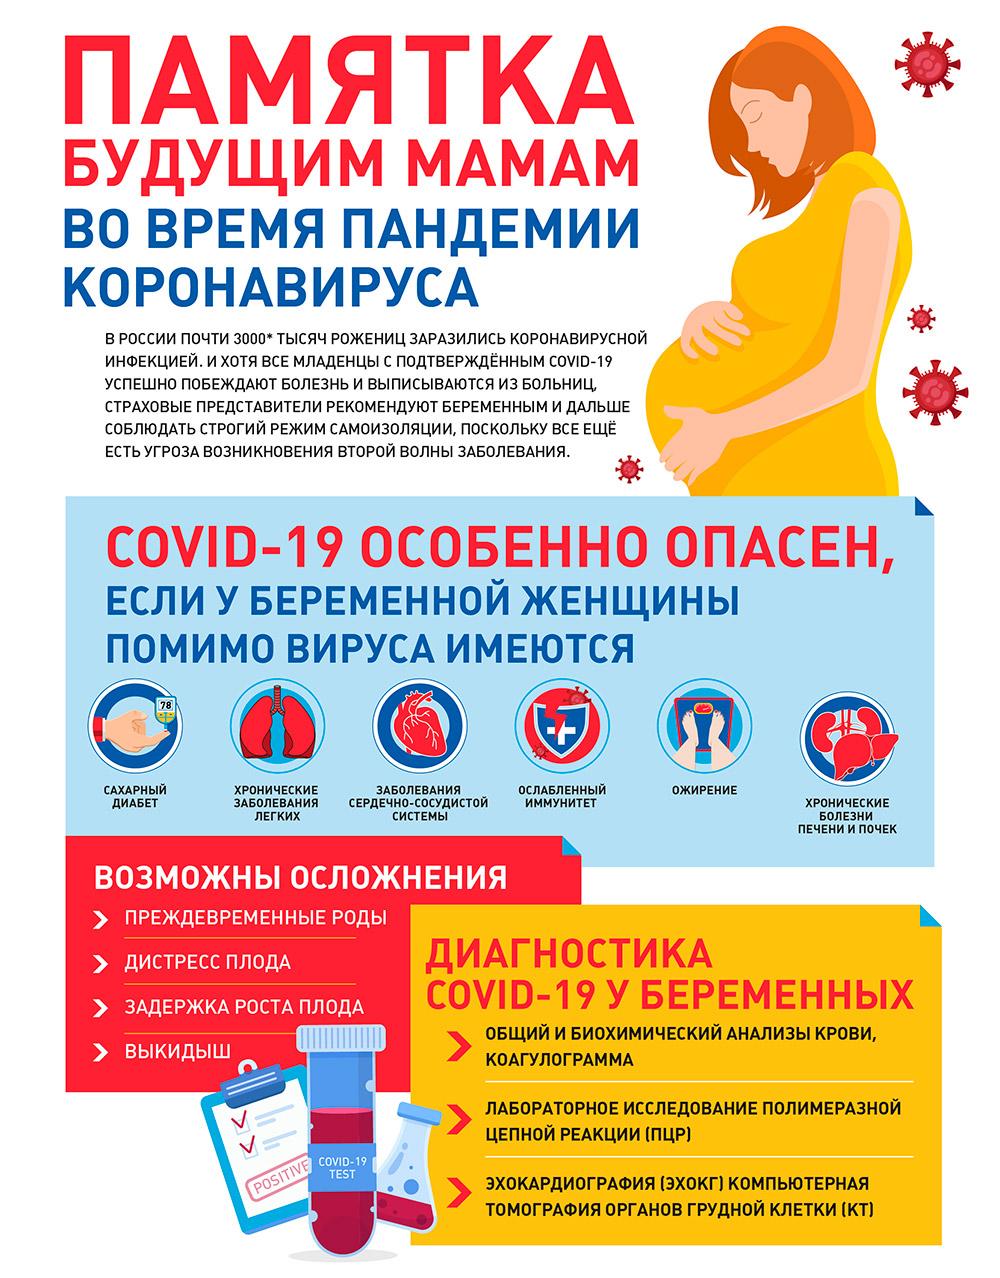 Диагностика коронавируса у беременных